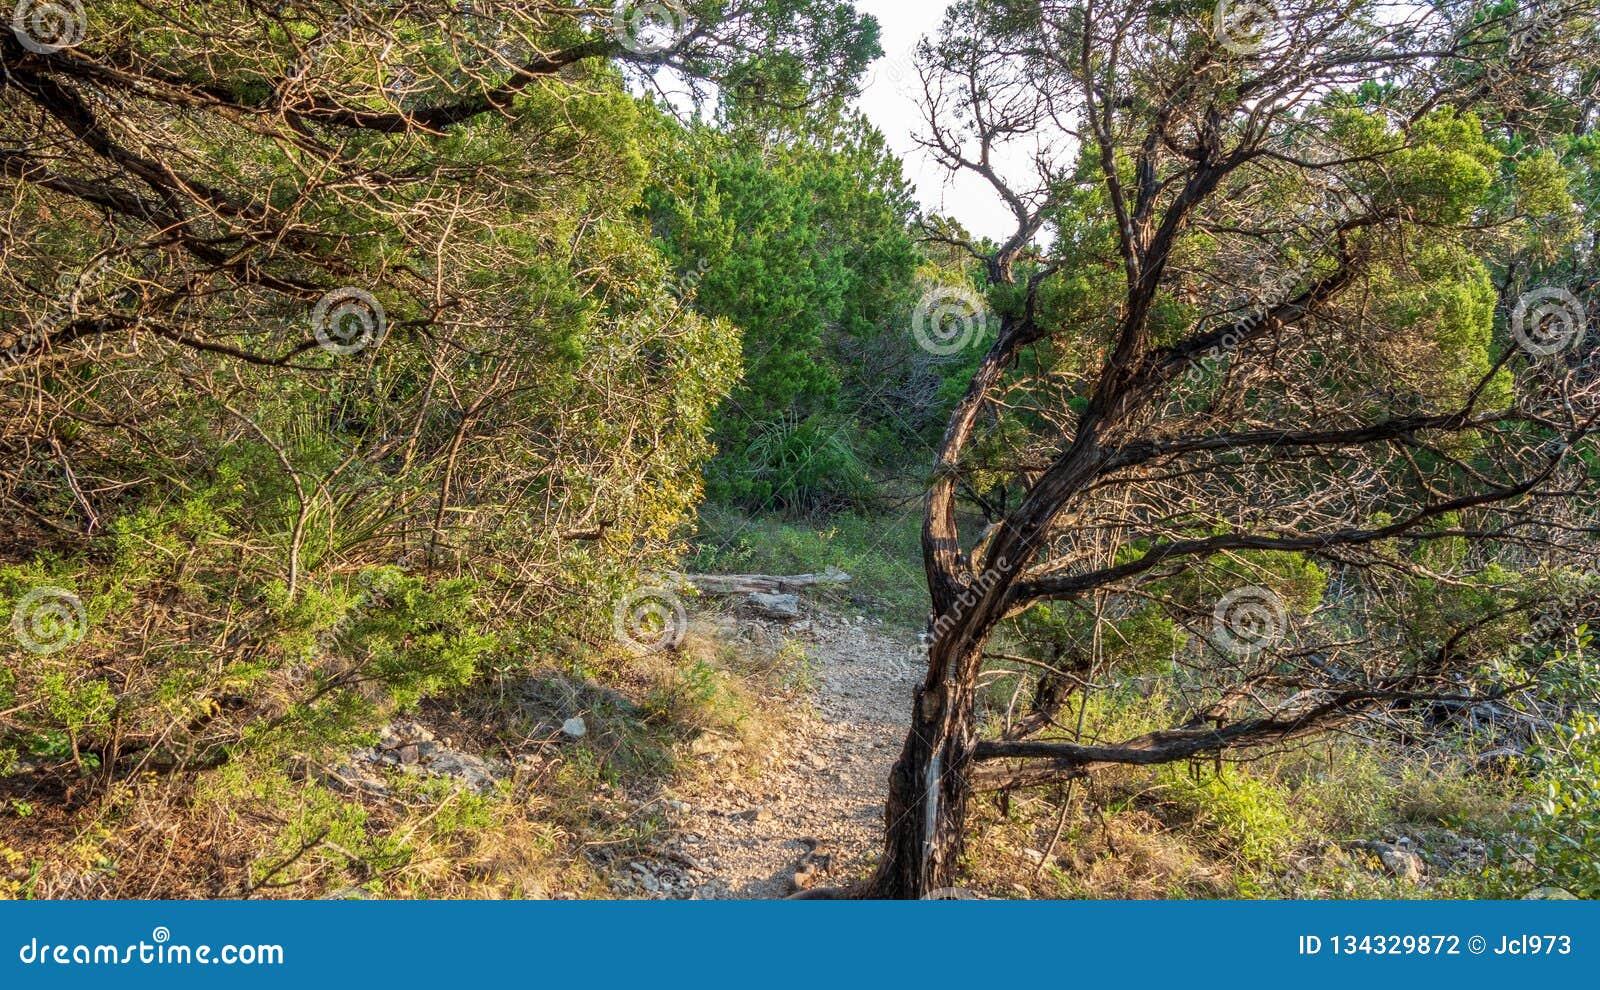 Het lopen van slepen in een stil, rustig, vreedzaam bospark met trillende groene bomen en vegetatie